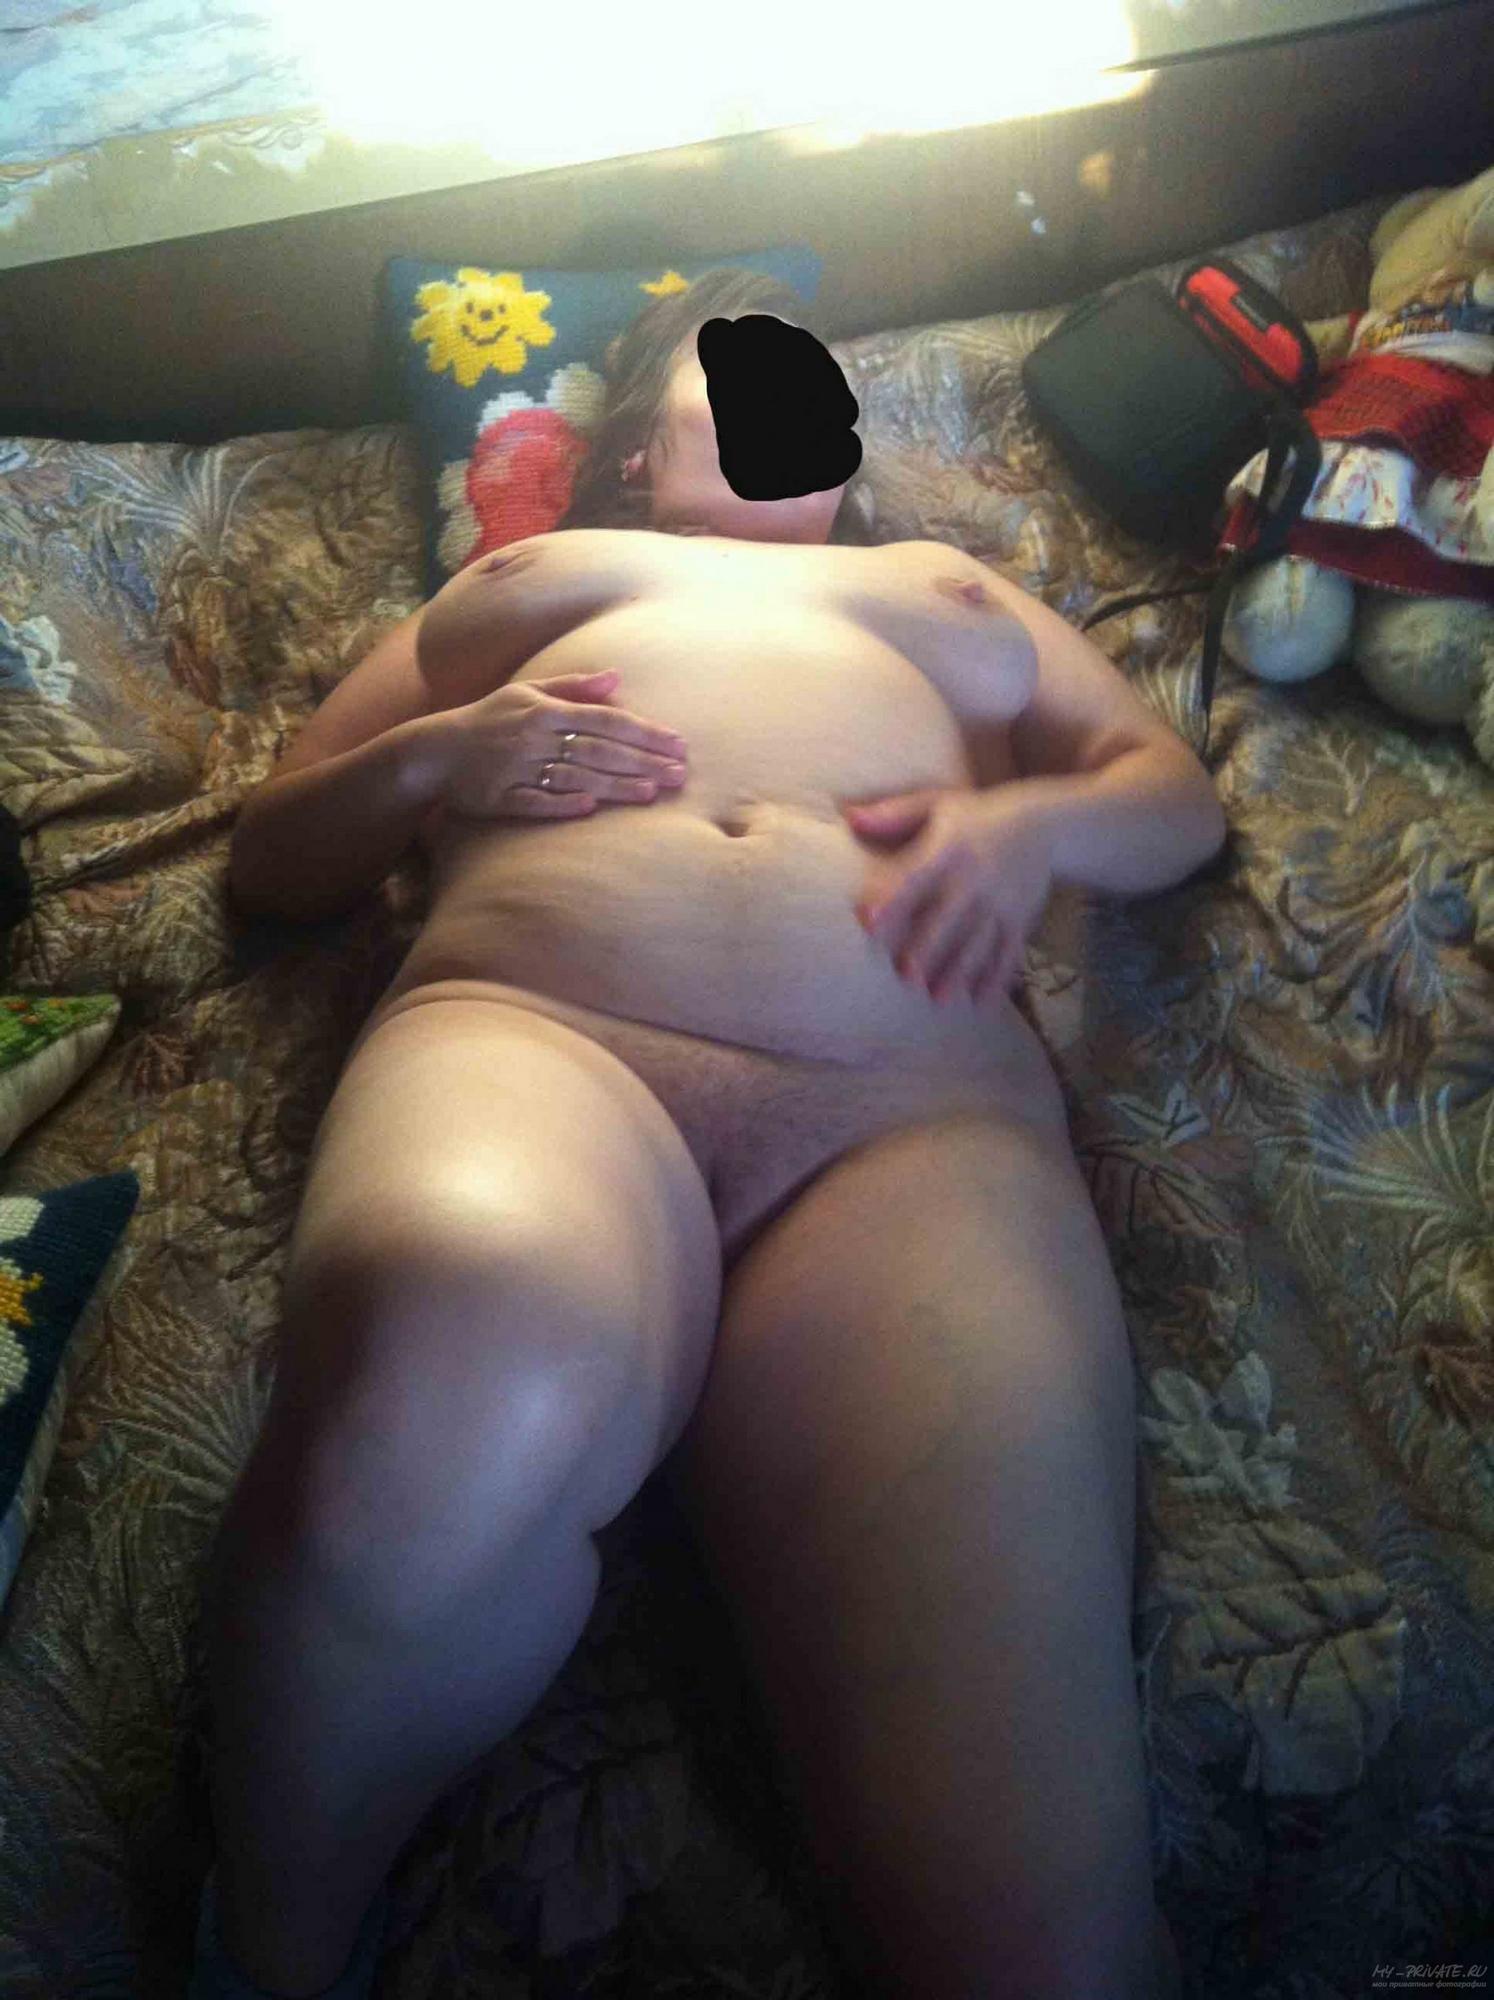 Полненькая чика блистает выбритой вагиной в домашних условиях